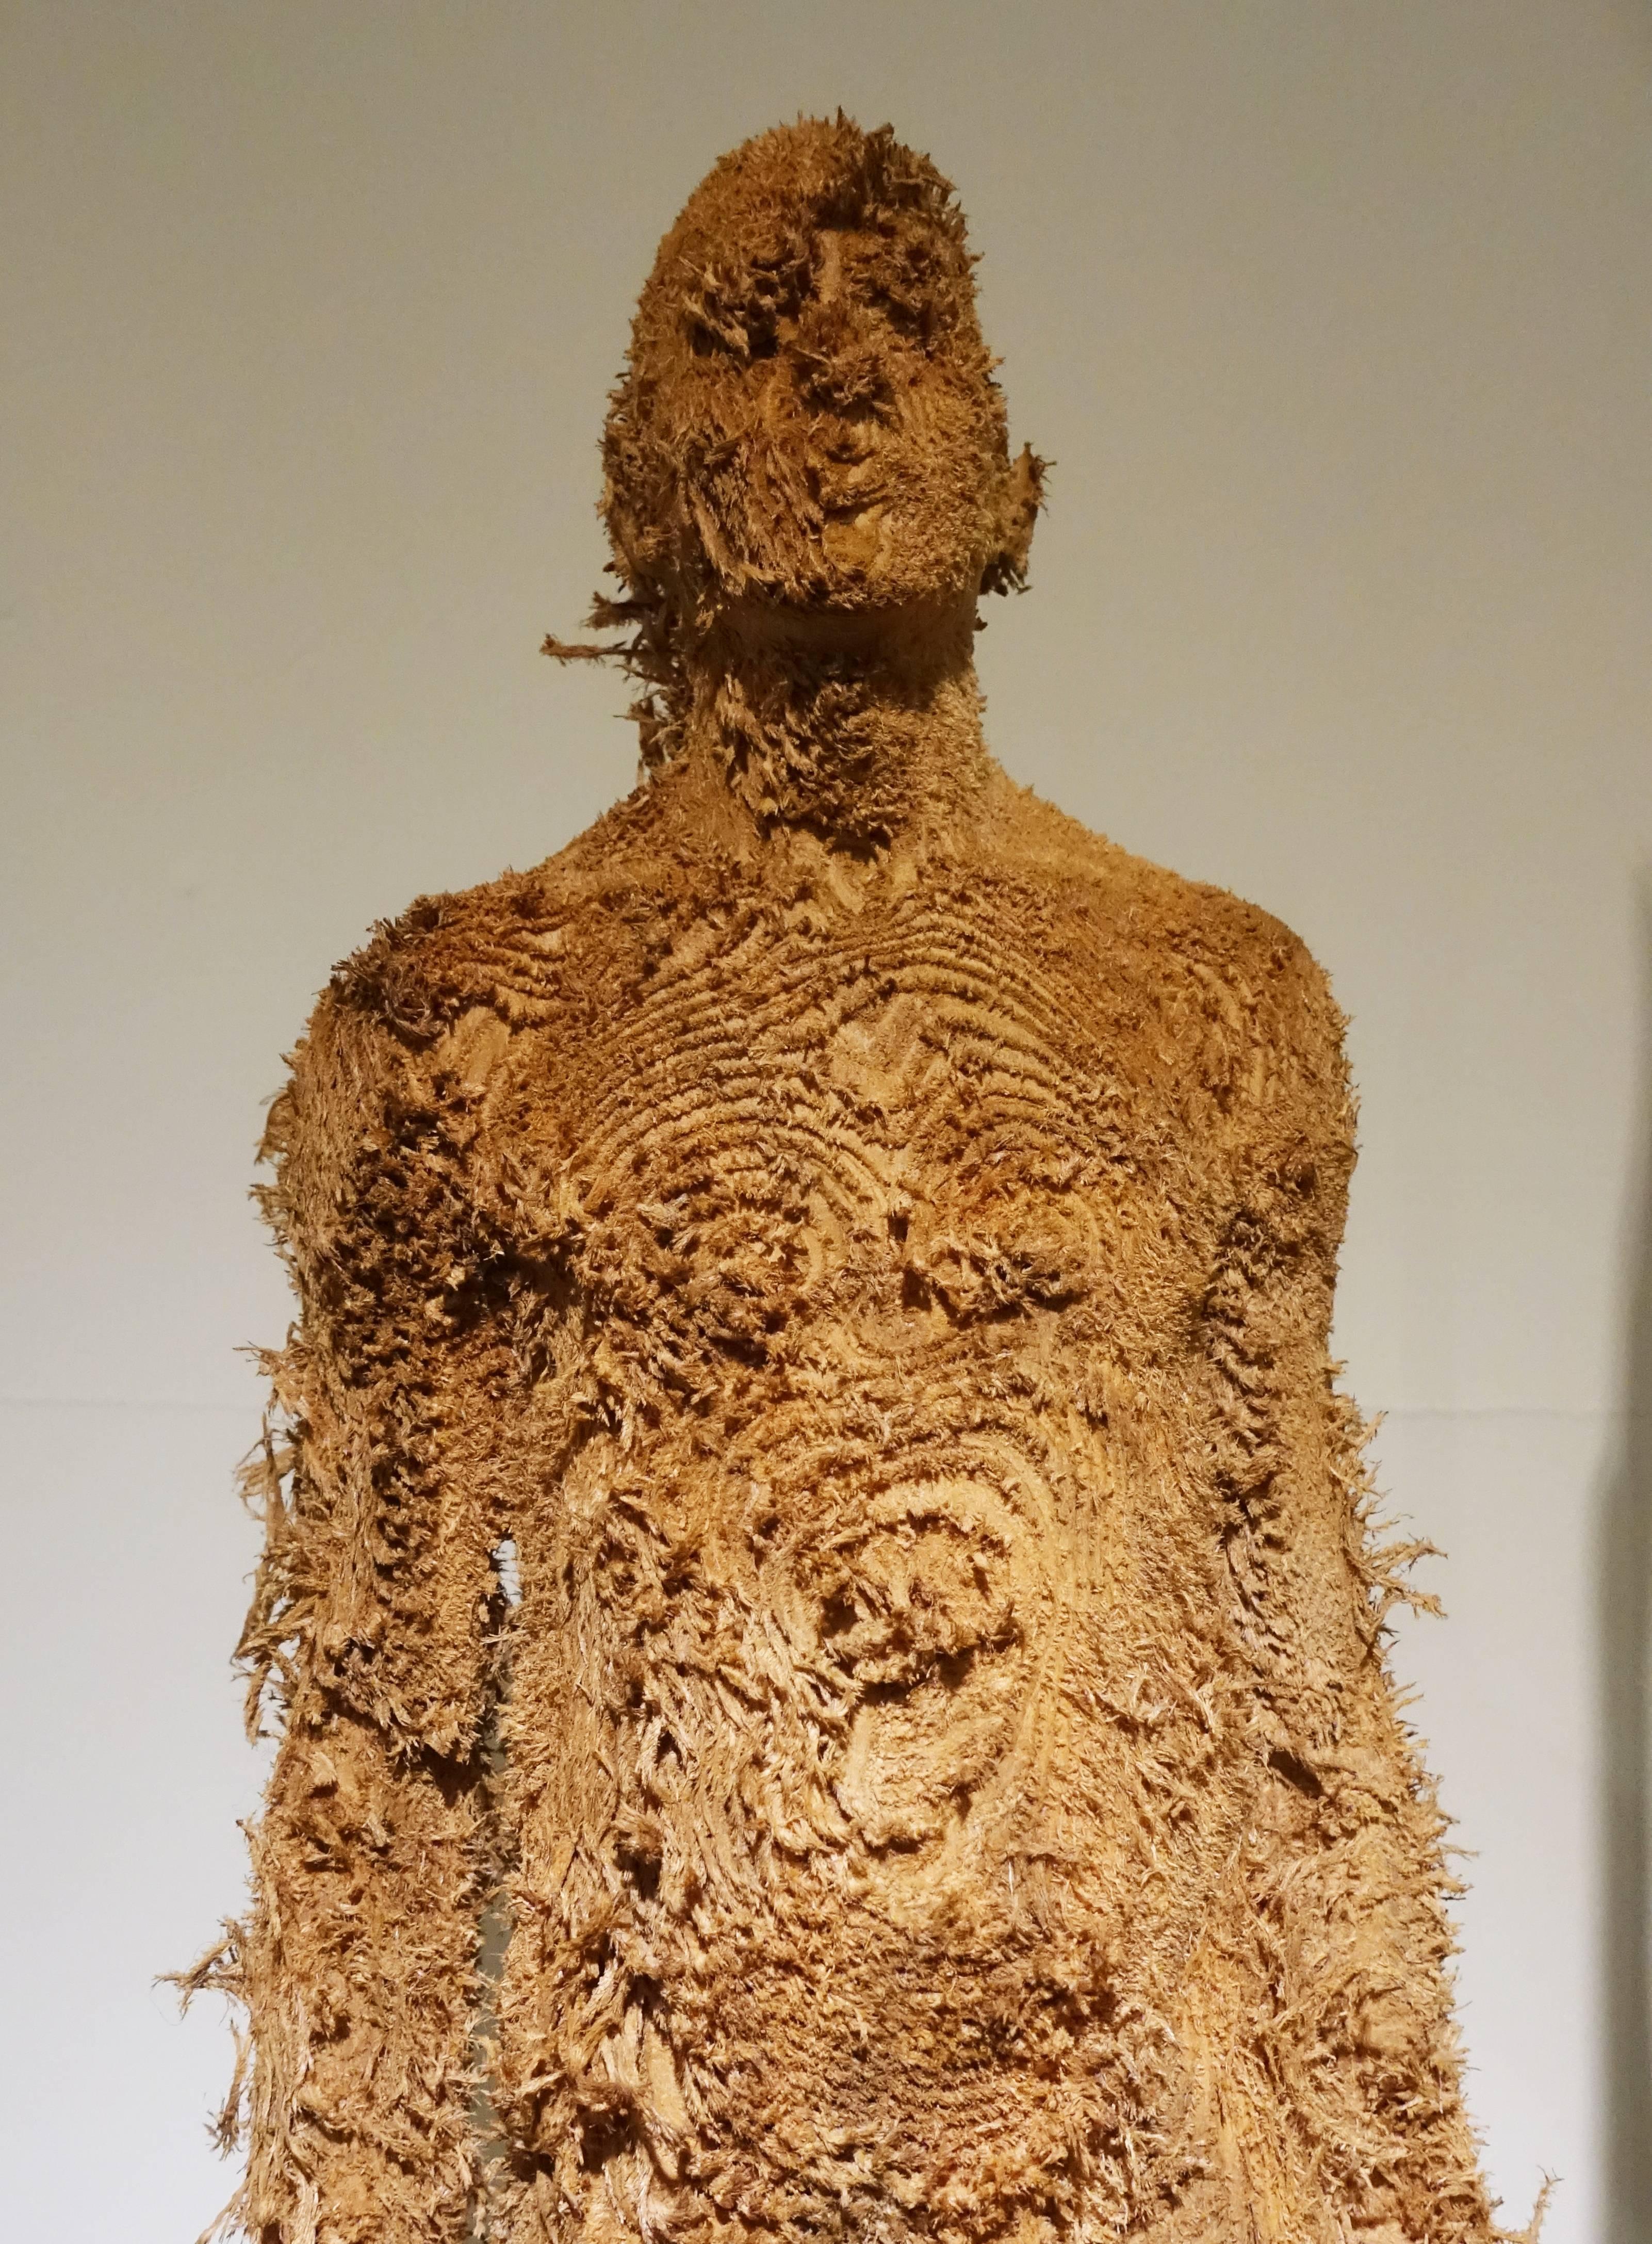 艾倫.德梅茲,《Seansons Between》細節,63 x 23 x 15 cm ,Nutwood堅果木,2012。